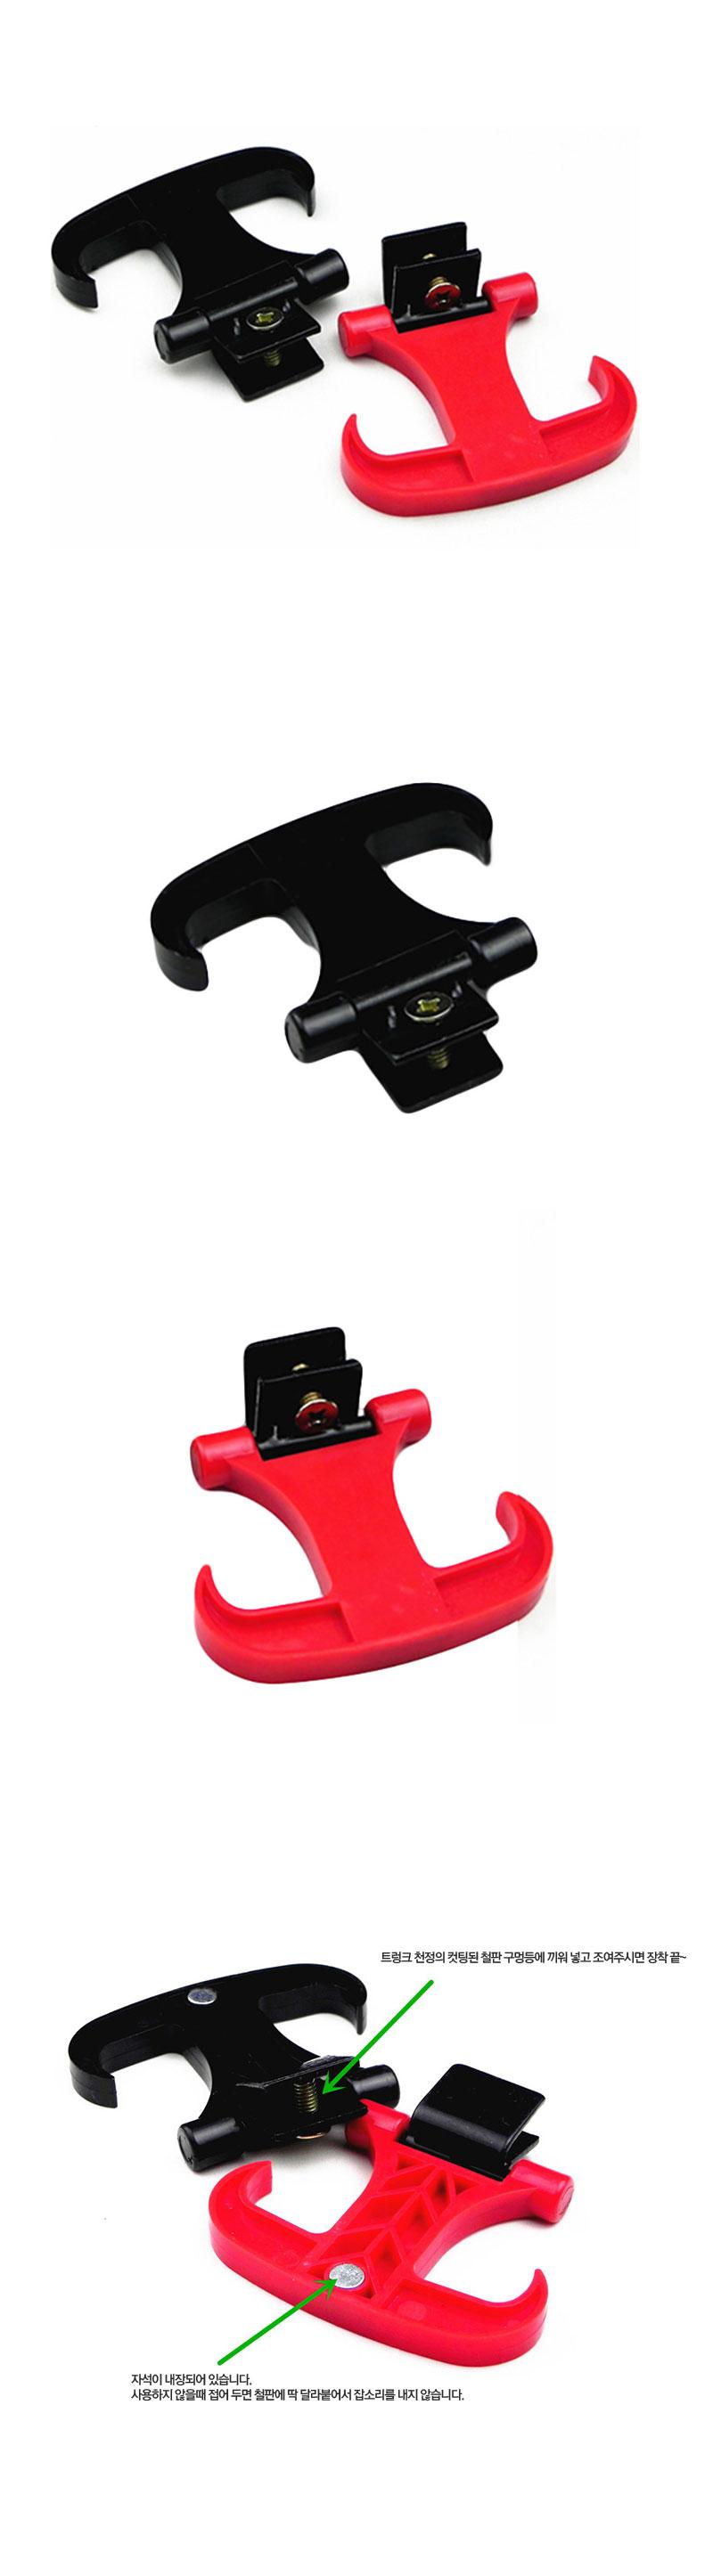 트렁크용 볼트 고정형 자석 내장 양날 걸이 폴딩 후크 블랙